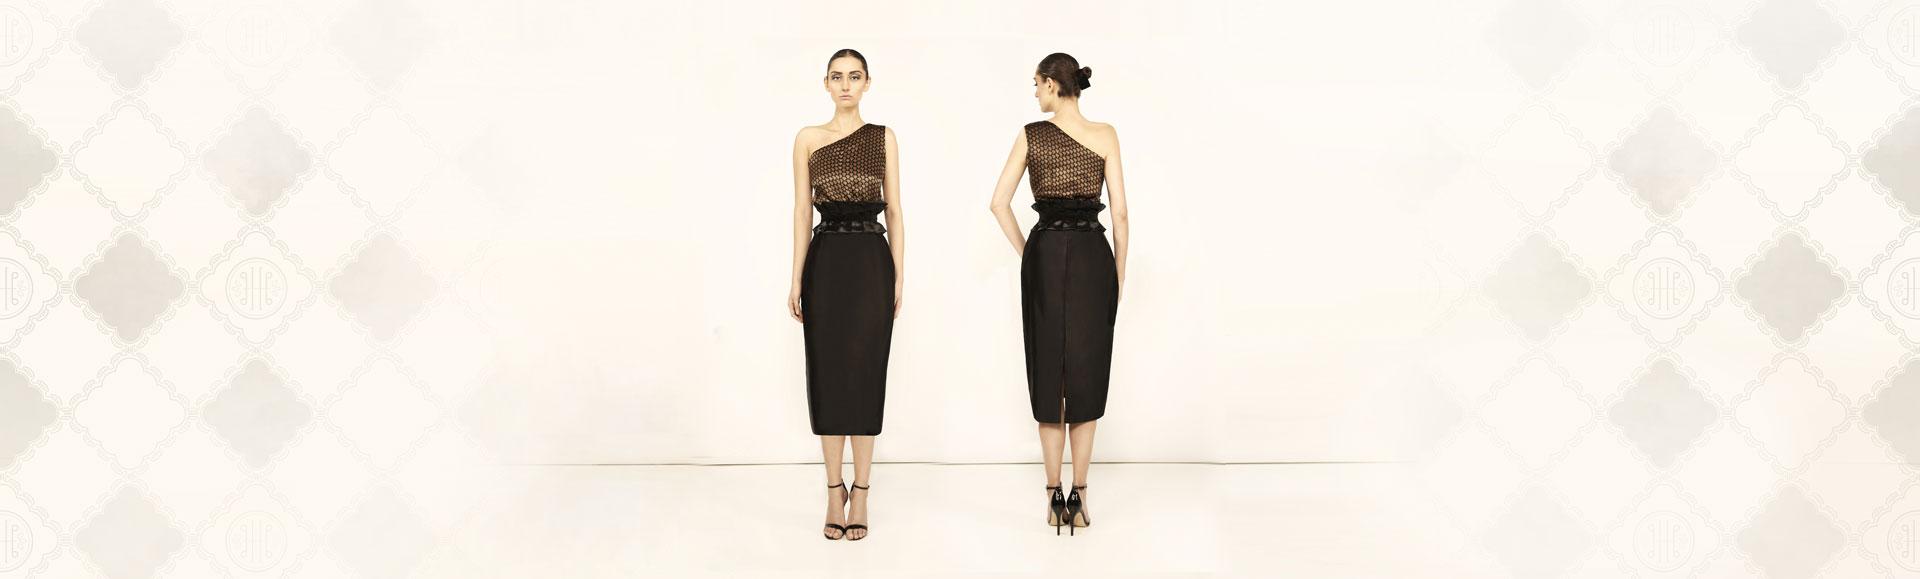 5black-ballerina-dress-1-web.jpg